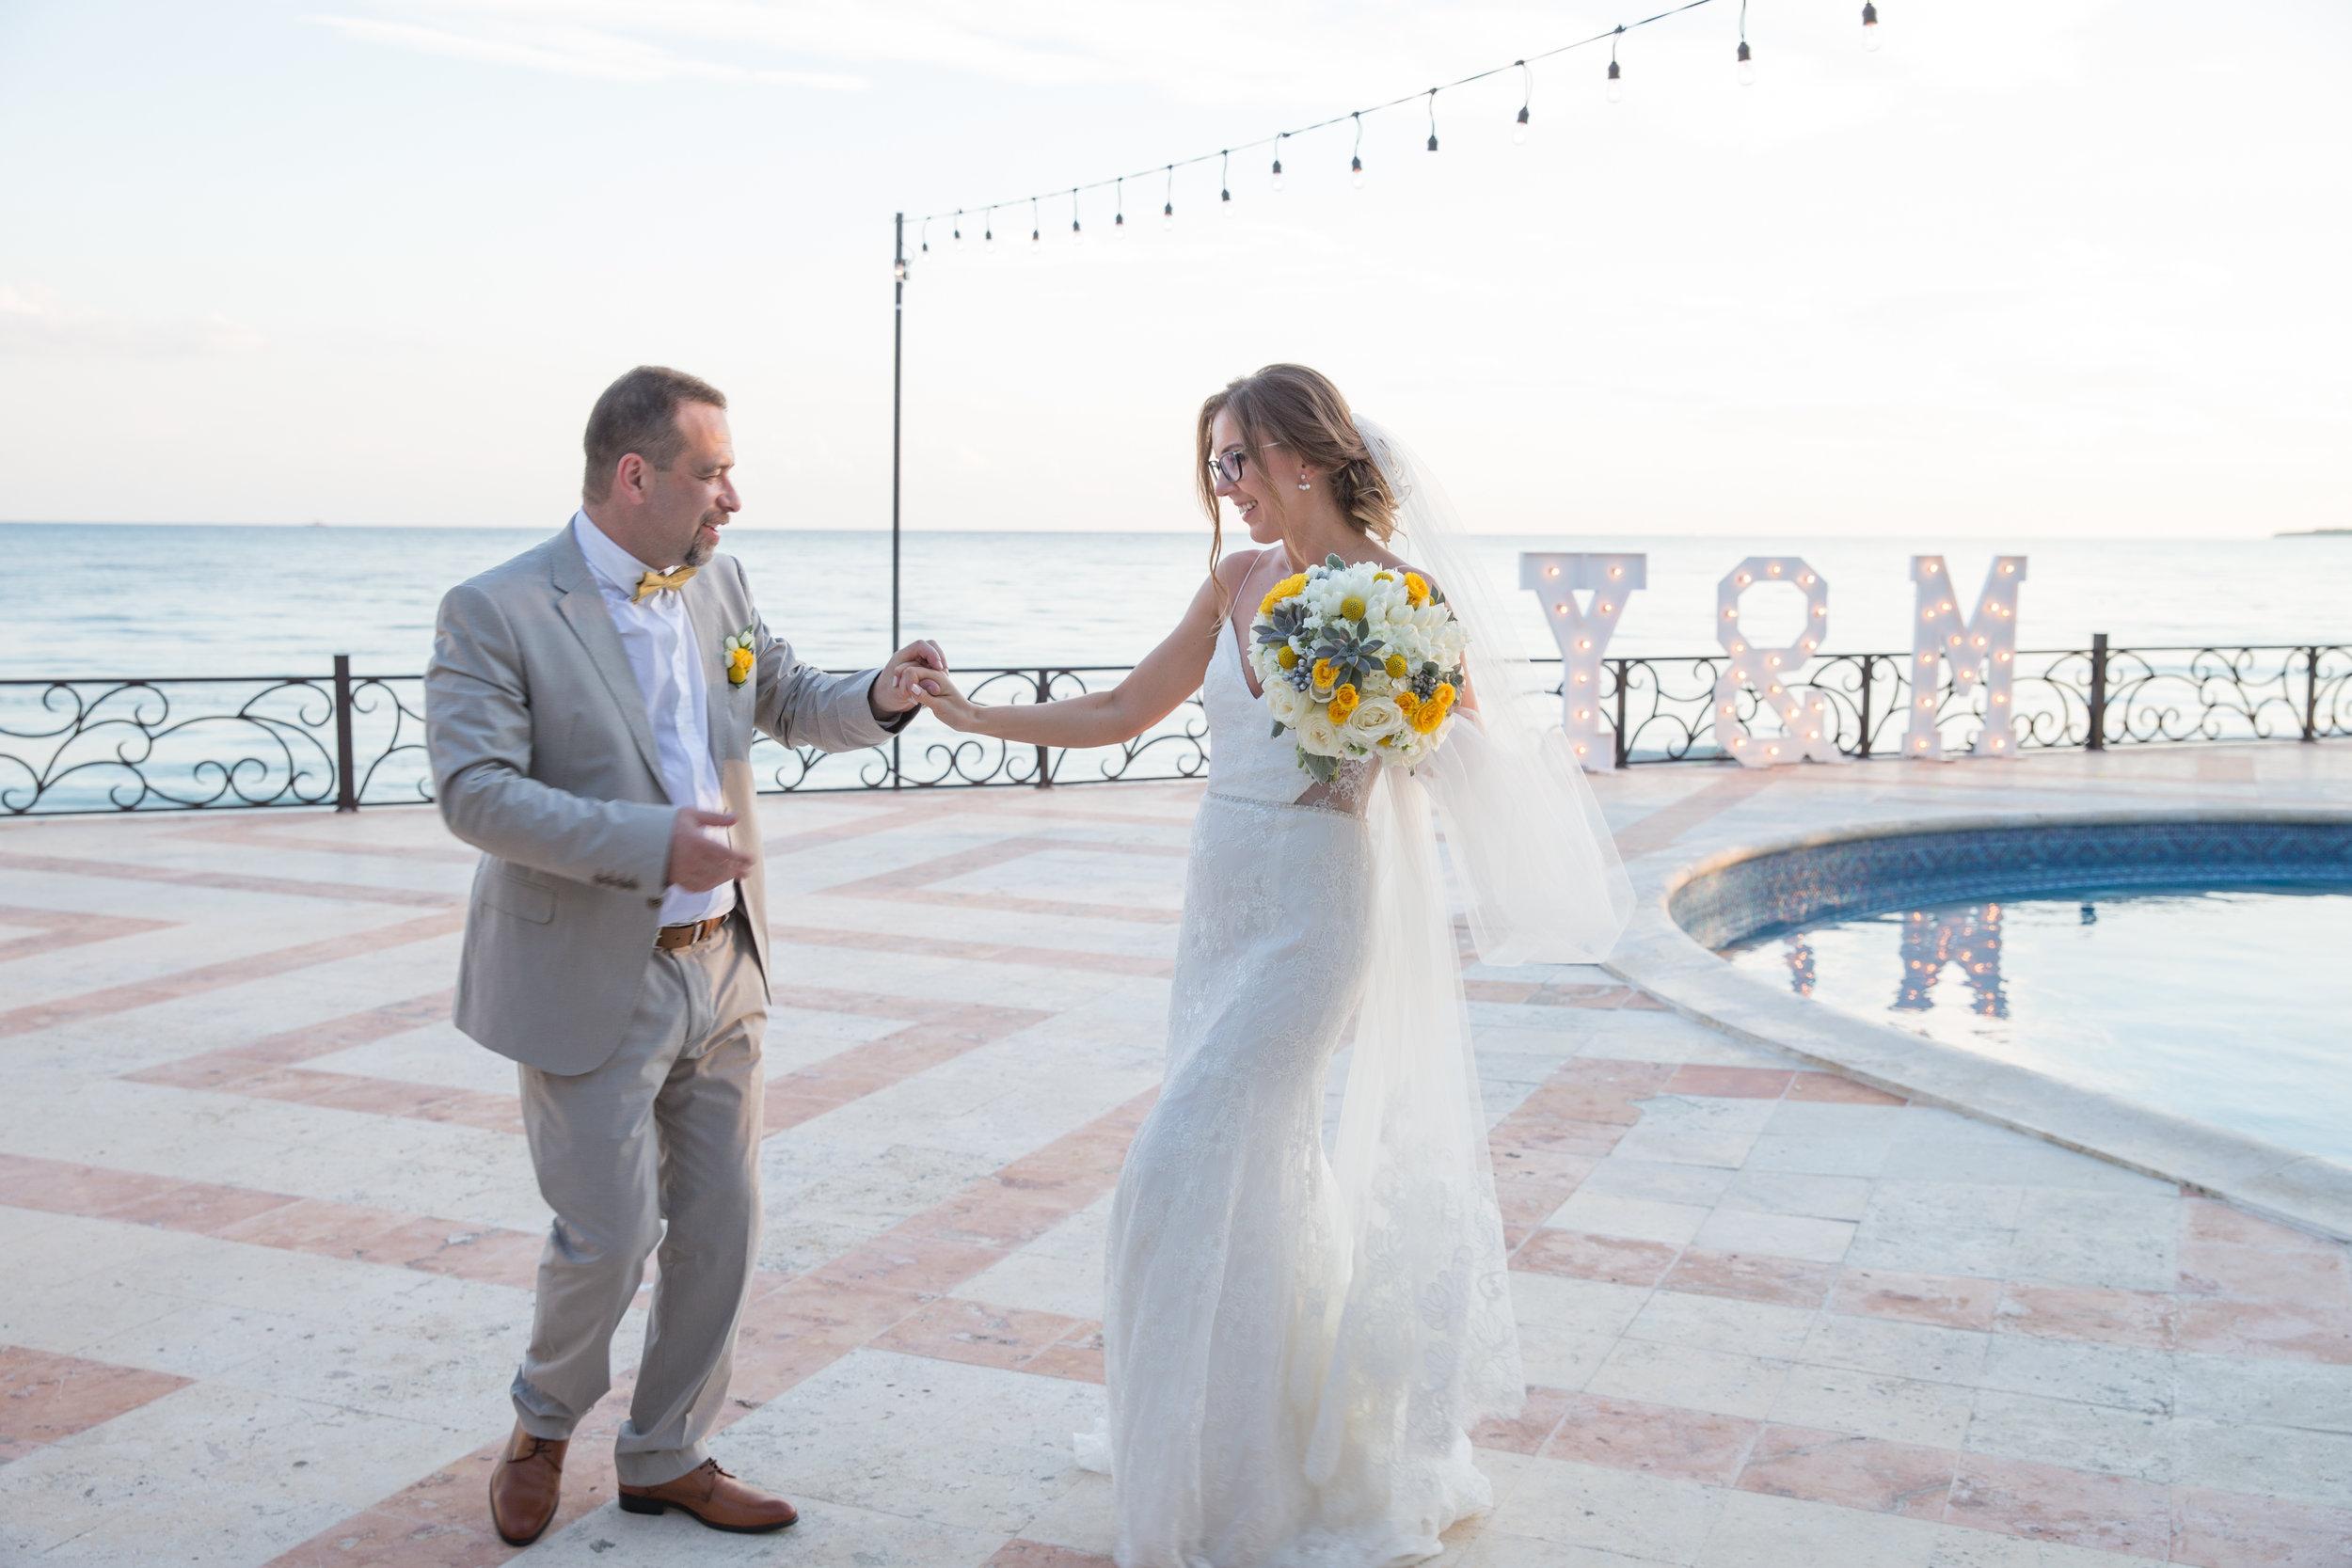 destination-wedding-venue-villa-la-joya-43.jpg